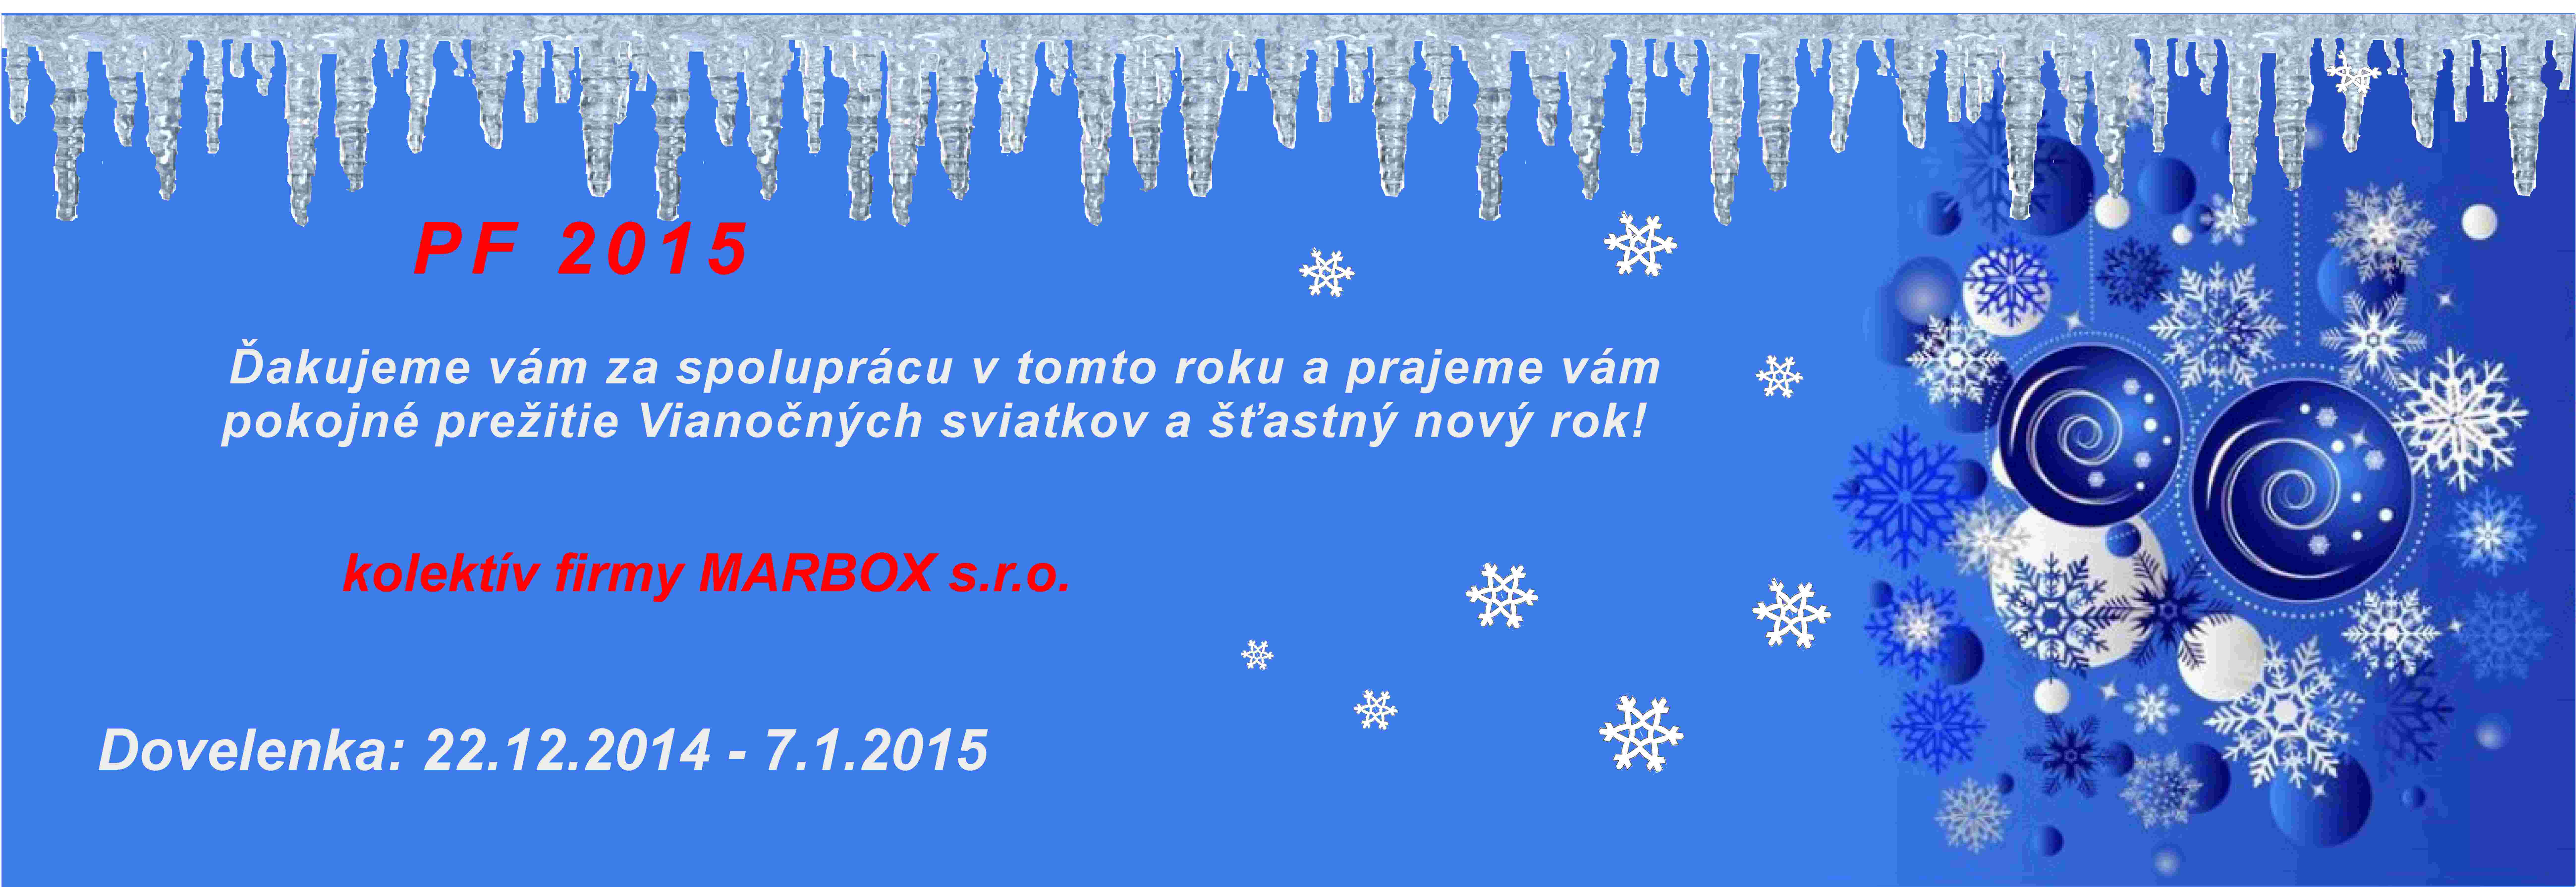 Vianočná dovolenka 2015 - 2